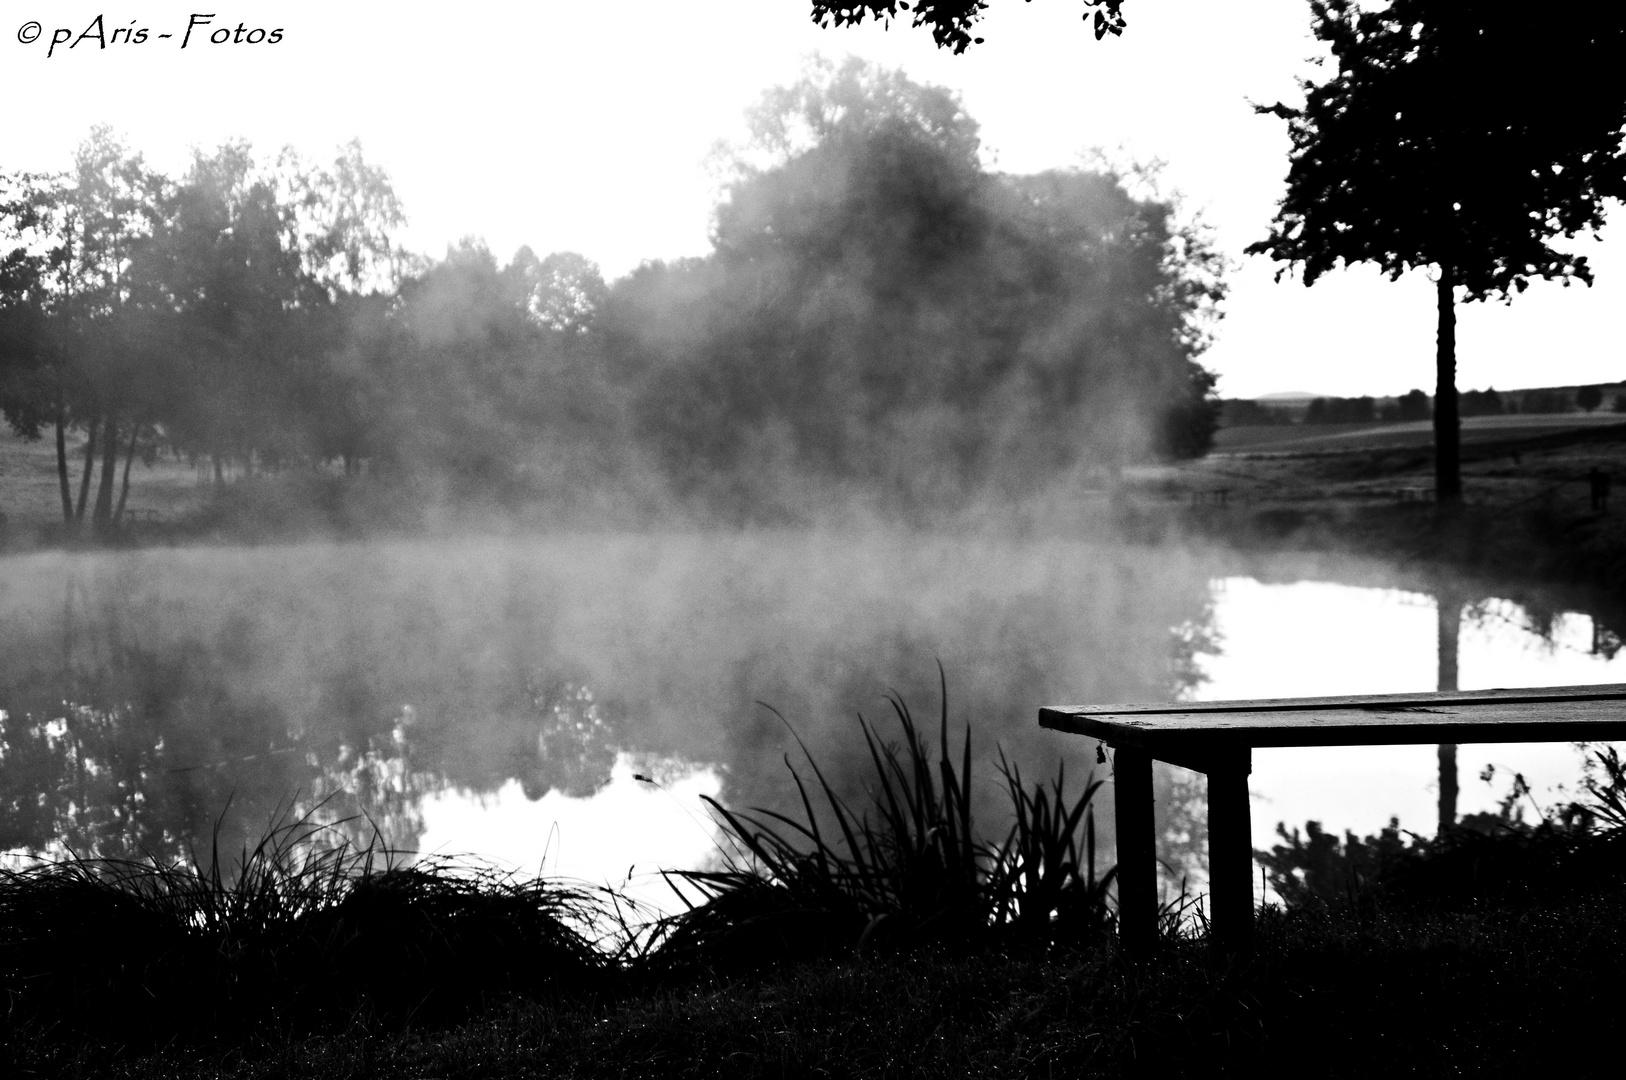 The fogg